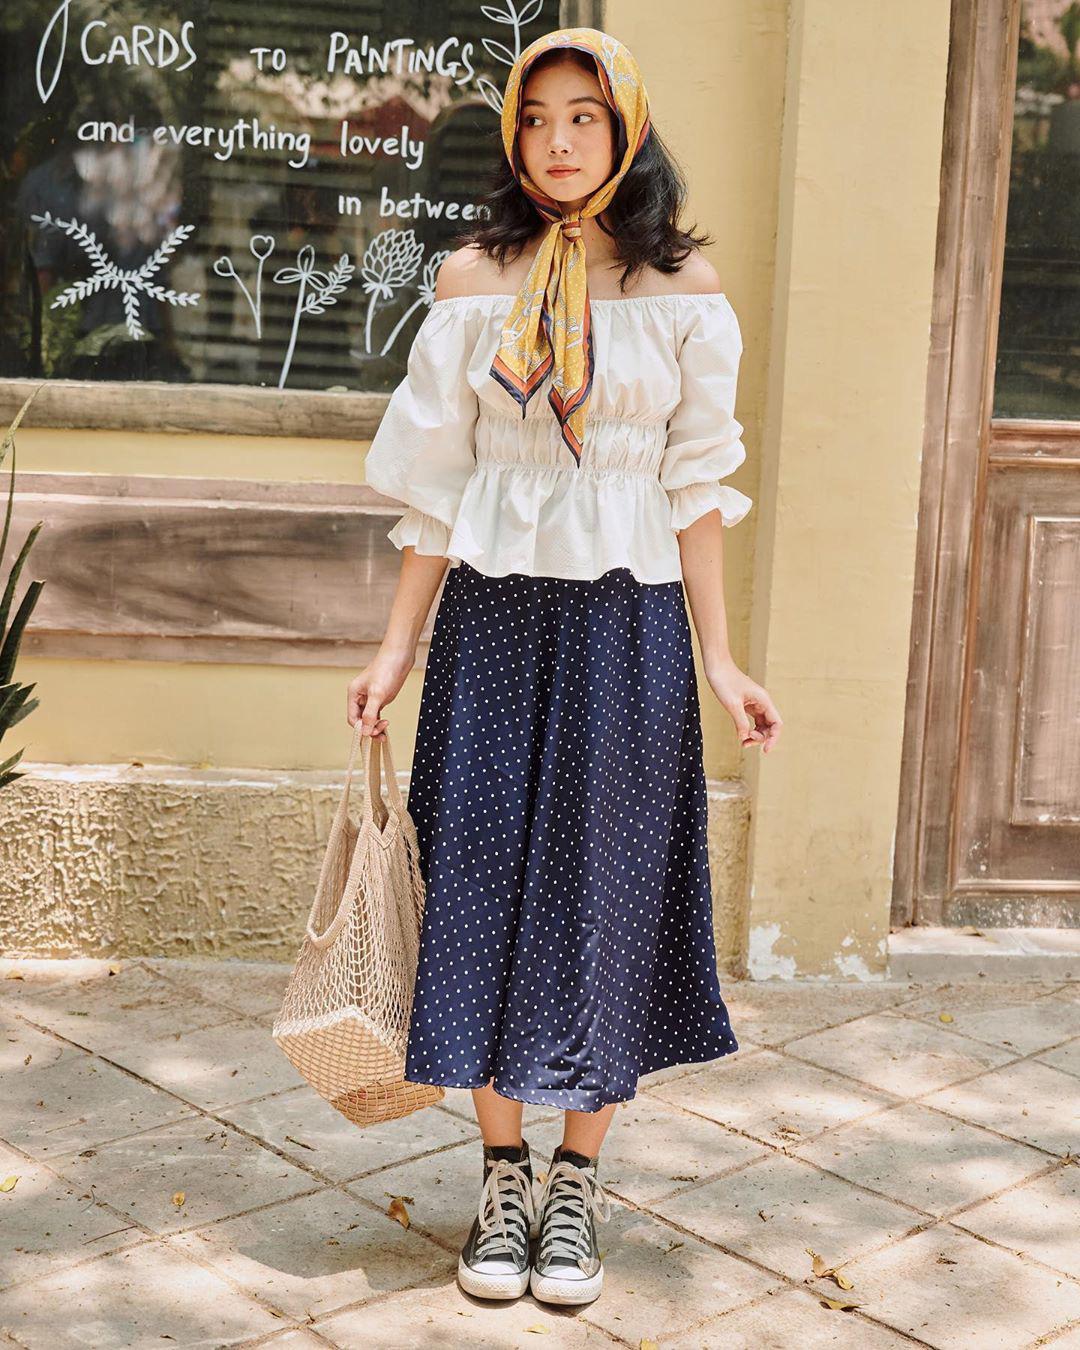 Áo blouse nhấn eo đã hack dáng còn mix được 5 kiểu khác nhau, bảo sao nàng nào cũng muốn sắm vài ba chiếc - Ảnh 7.